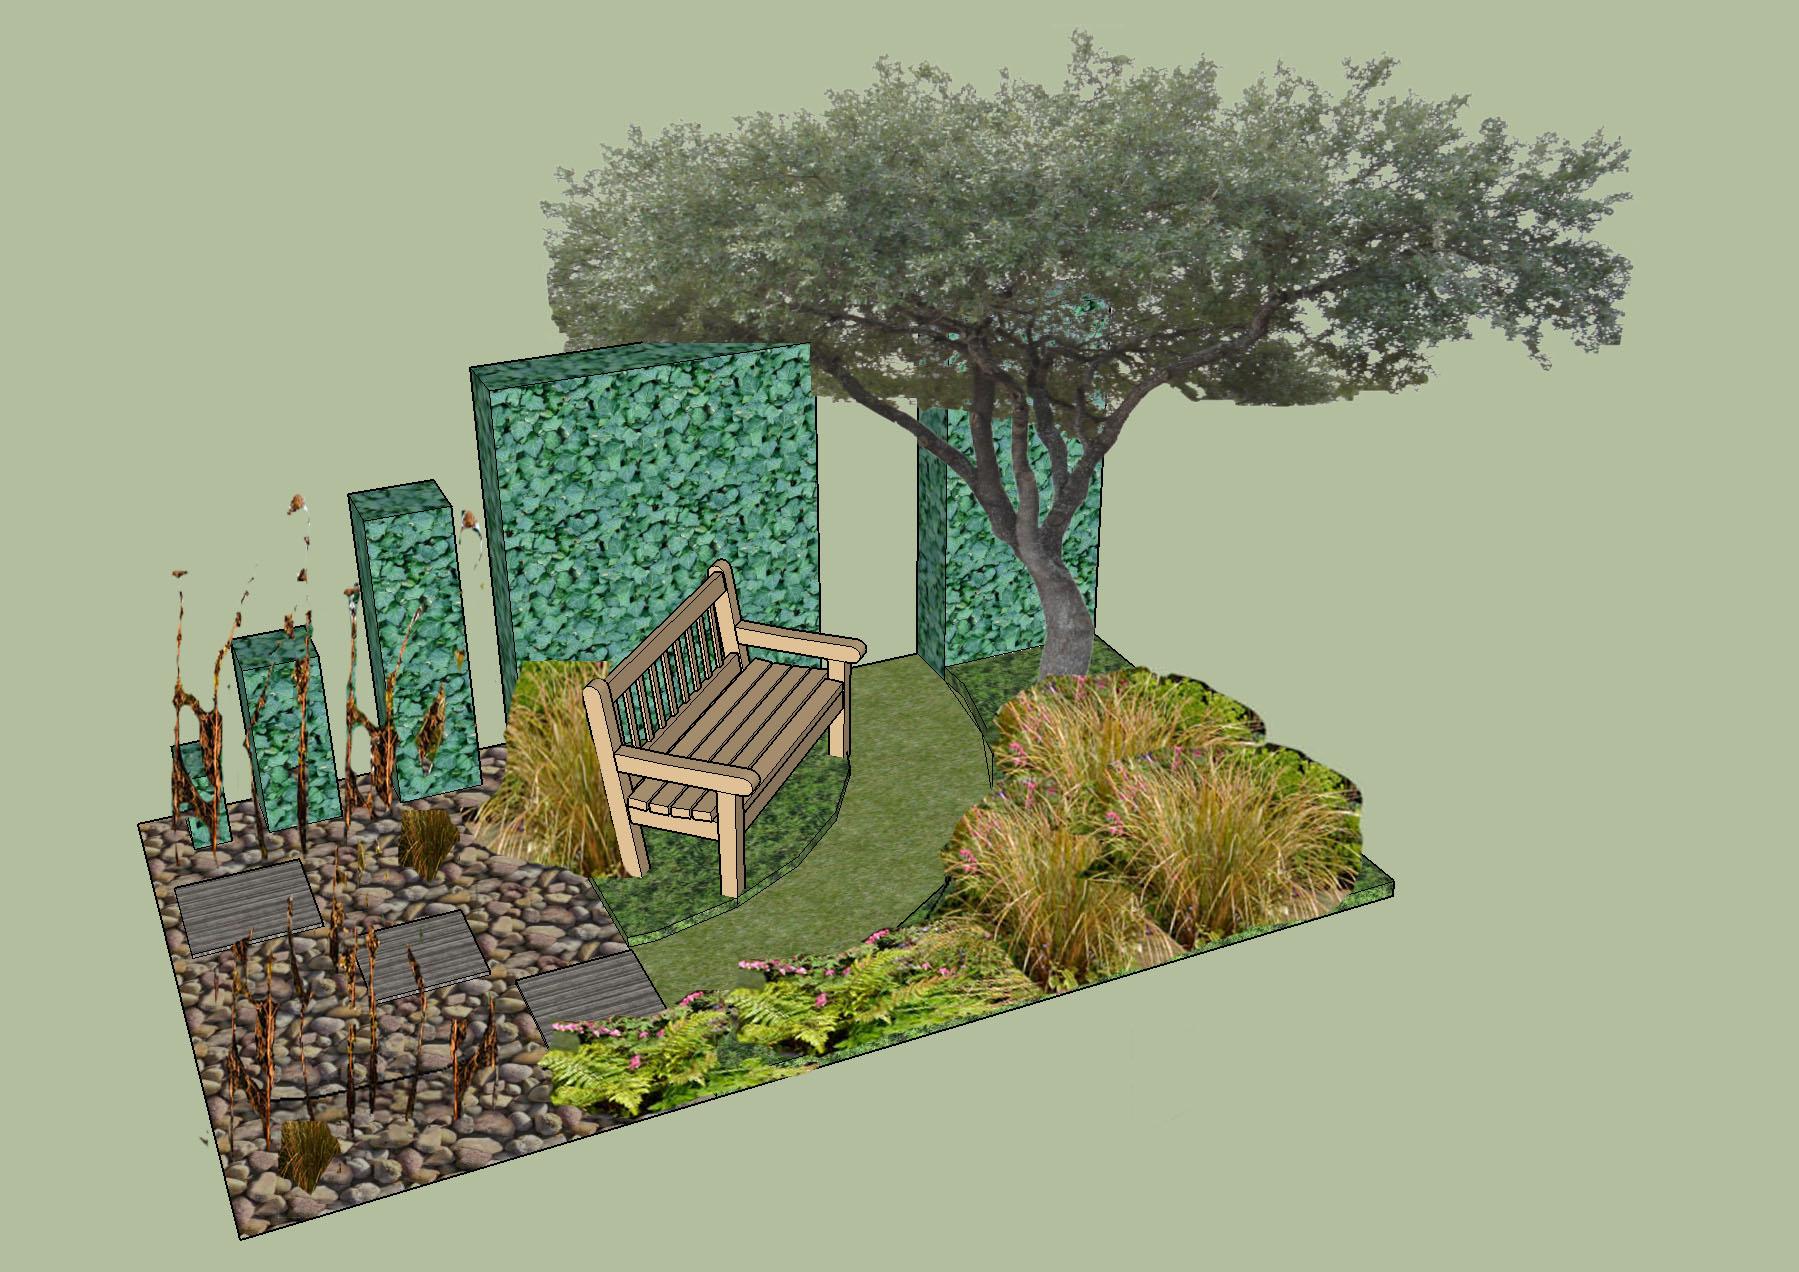 Rhs spring festival festival gardens application for Garden design fest 2014